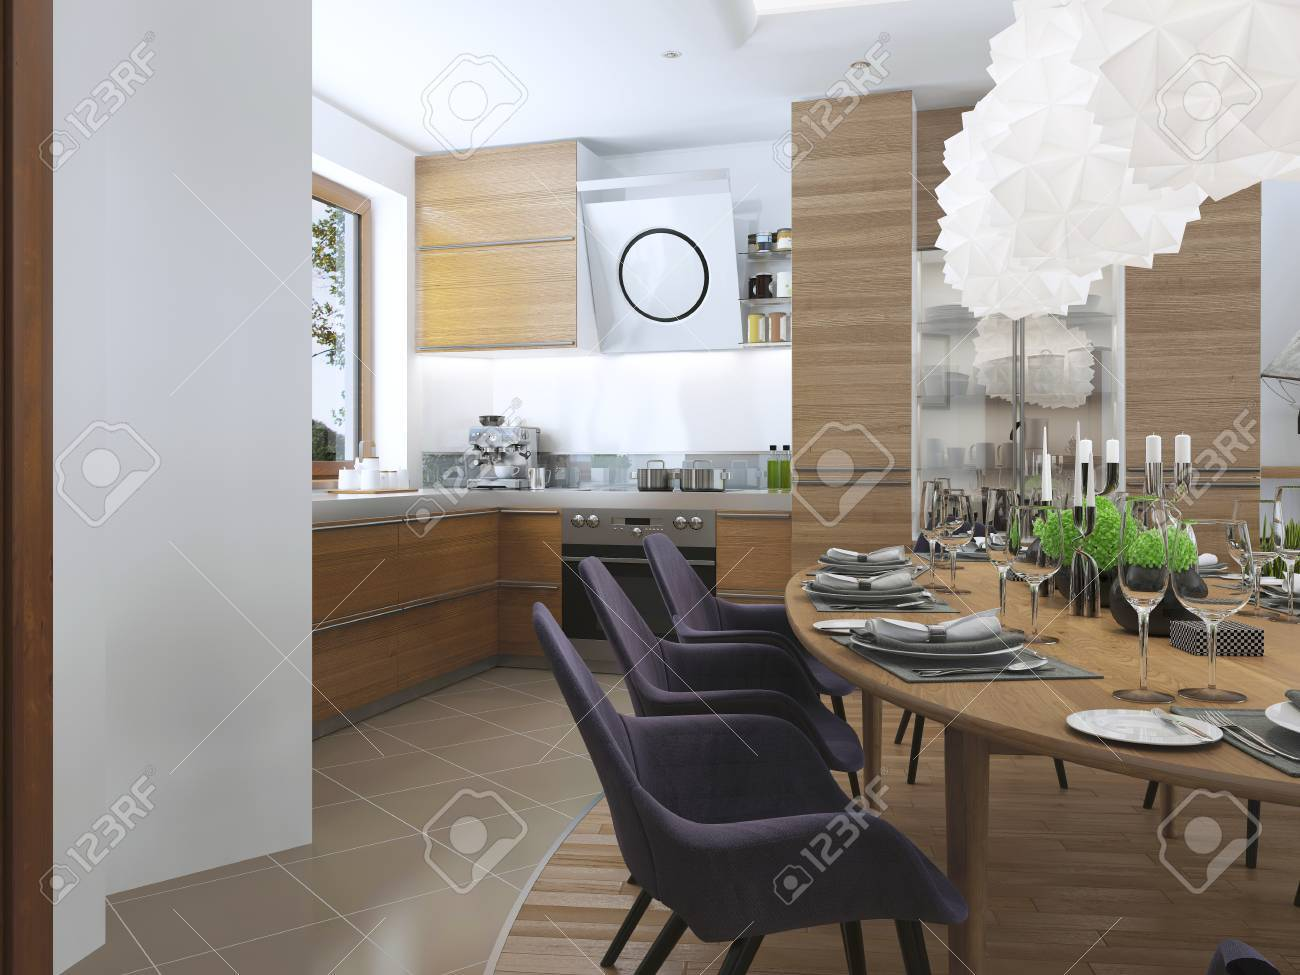 Comedor cocina de diseño con un estilo moderno con una mesa de comedor y  muebles de cocina. muebles de madera en colores brillantes, las sillas ...